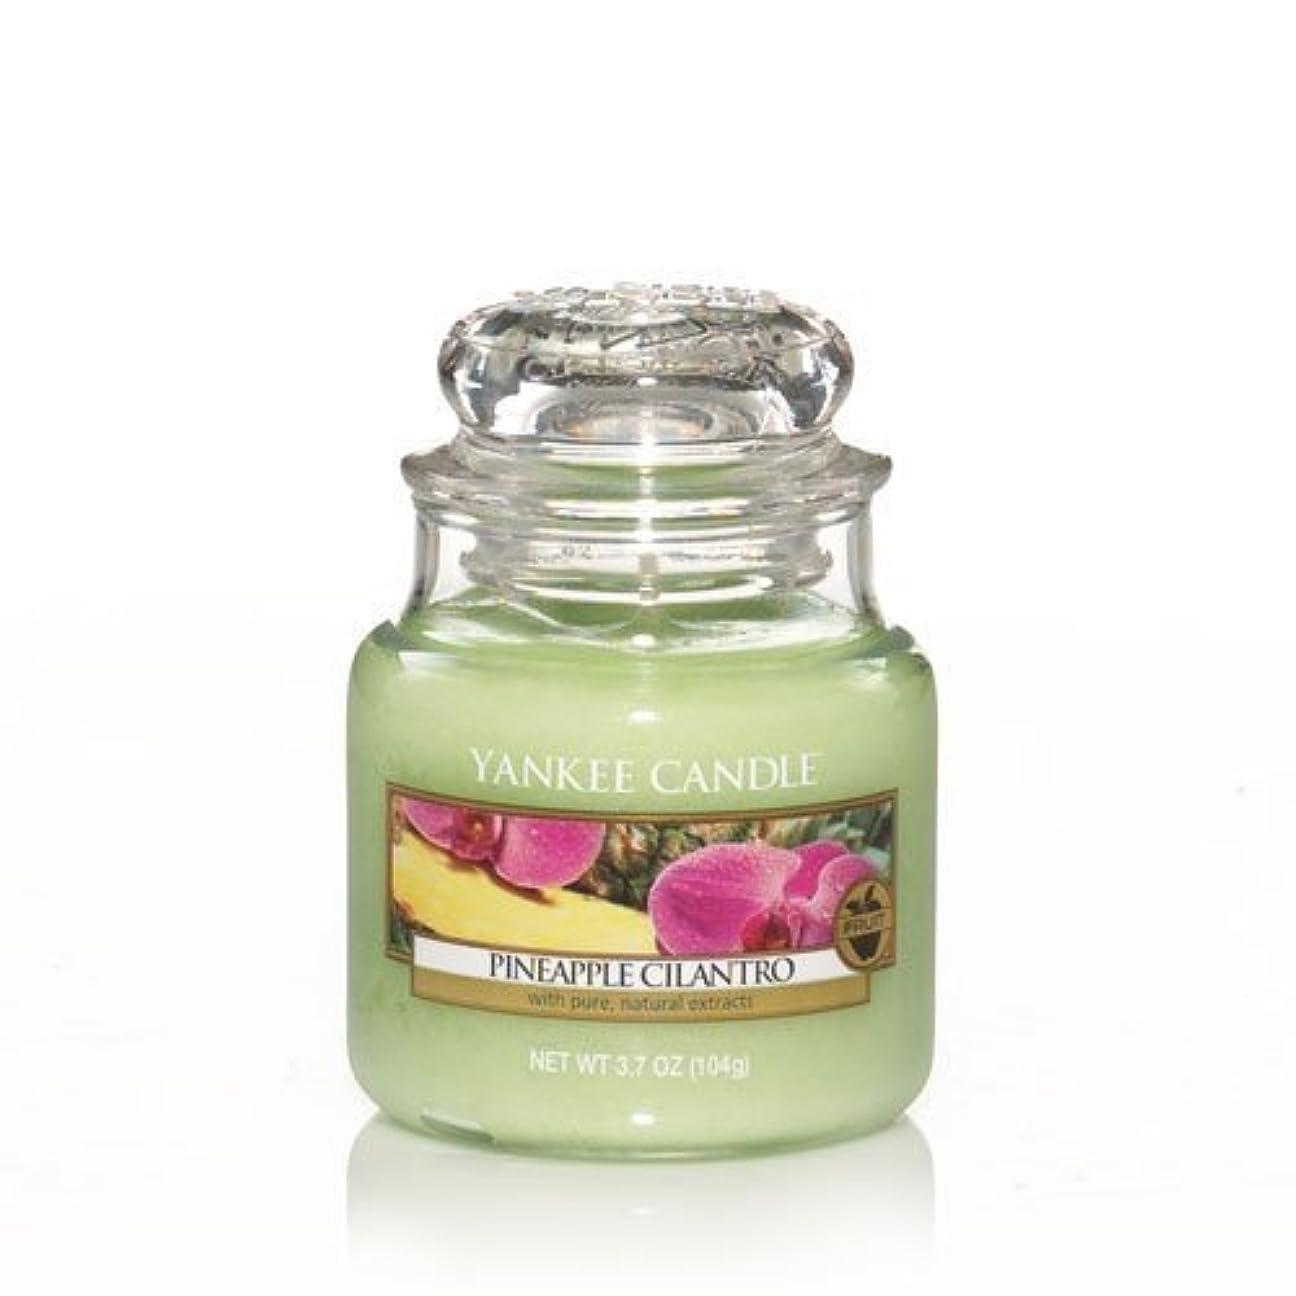 いちゃつく感謝祭報復Yankee Candle Pineapple Cilantro Small Jar Candle, Fruit Scent by Yankee Candle Co. [並行輸入品]